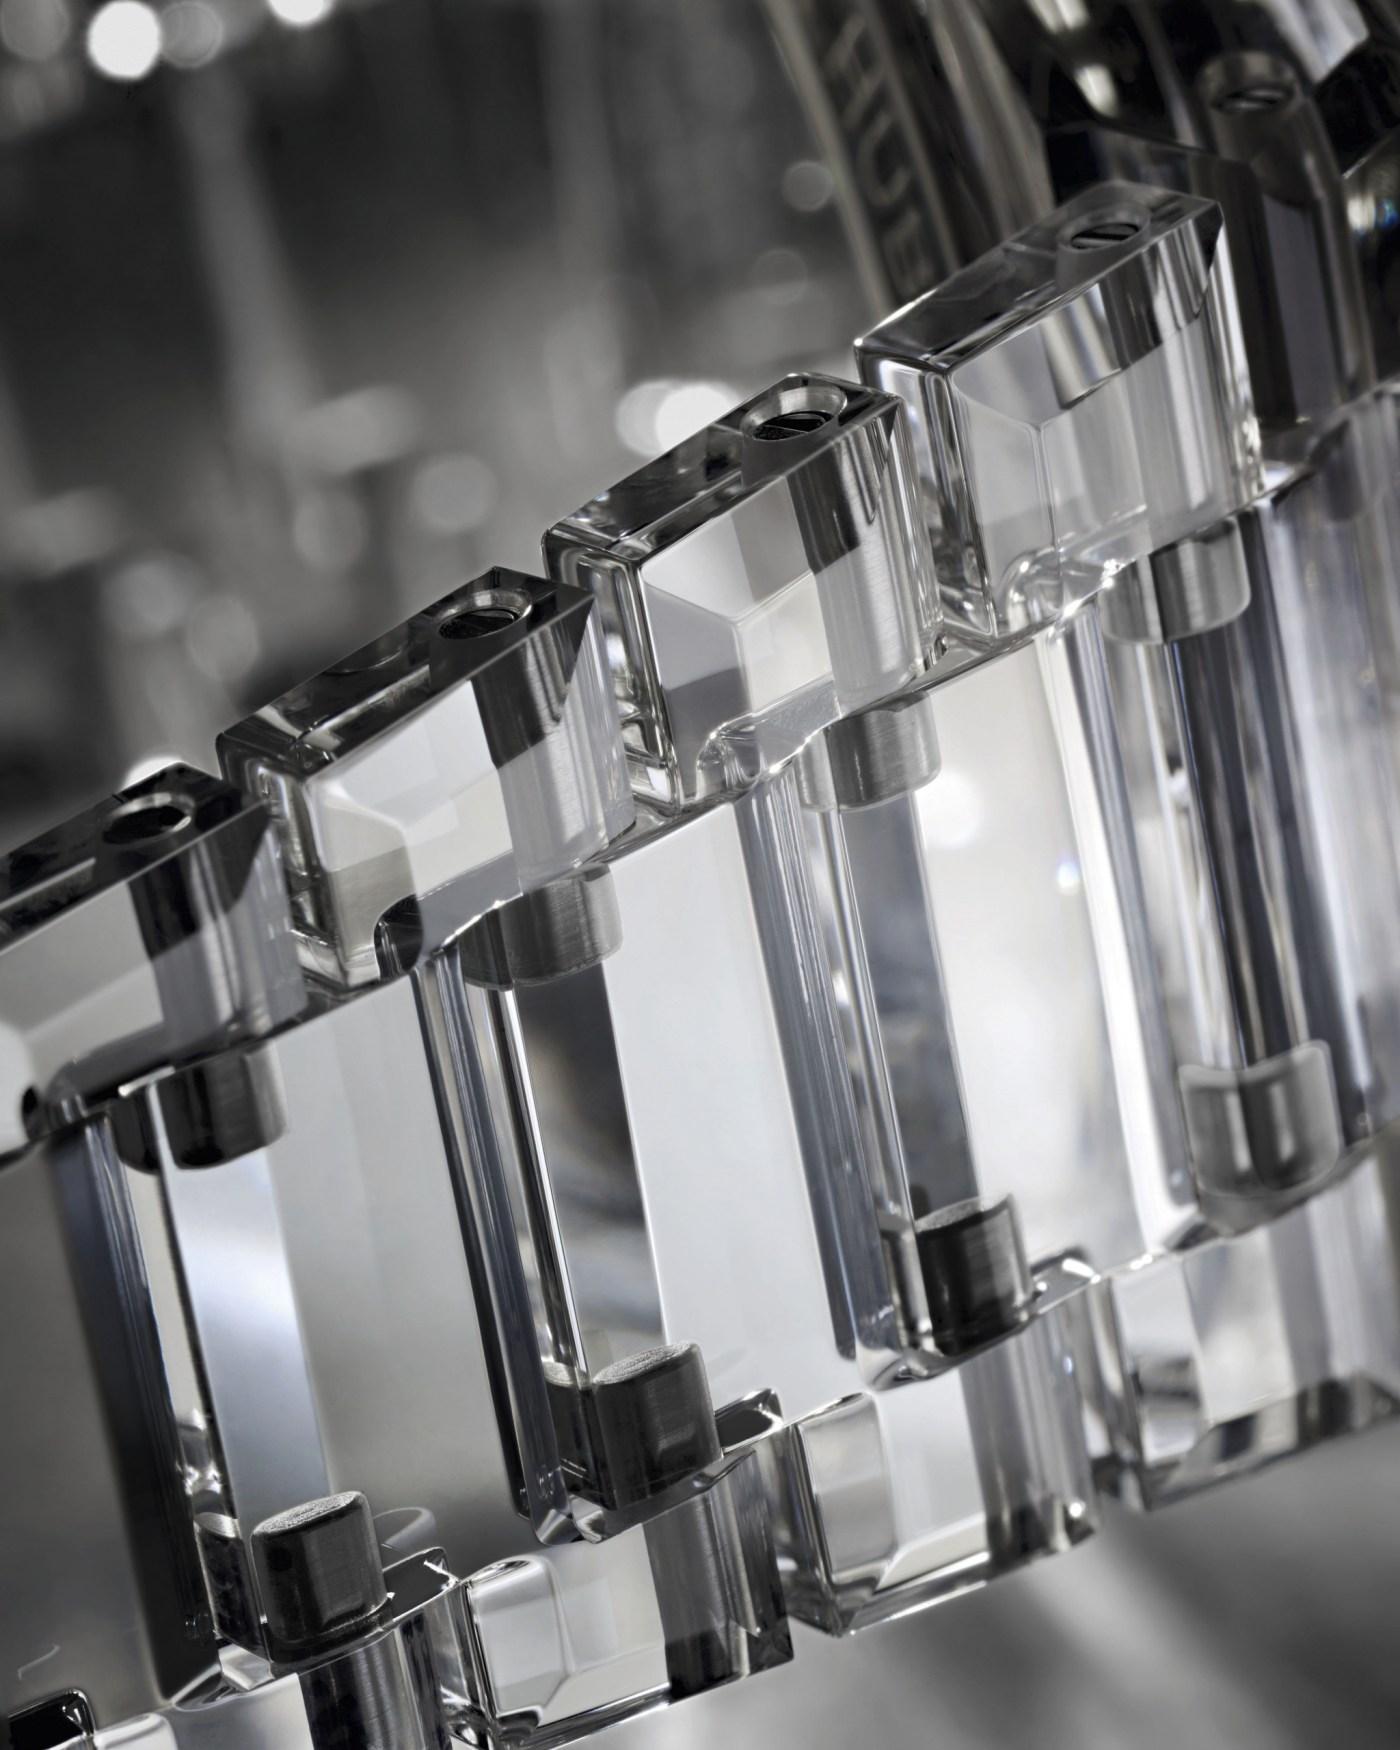 Hublot Big Bang Integral Tourbillon Full Sapphire bracelet close-up